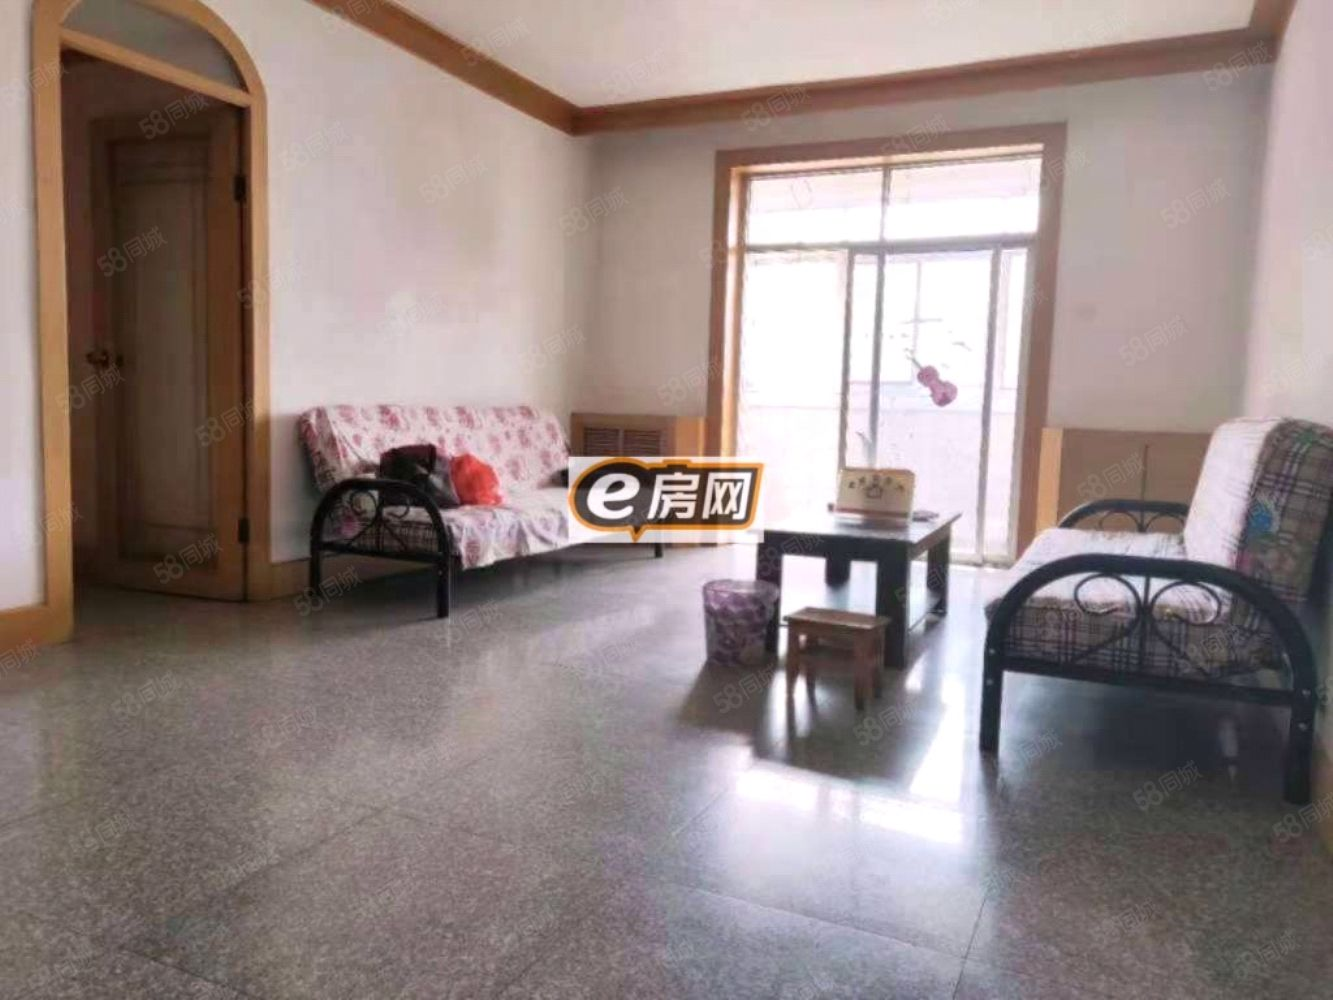 桥南锦绣花园简单家具,交通方便,水电暖齐全